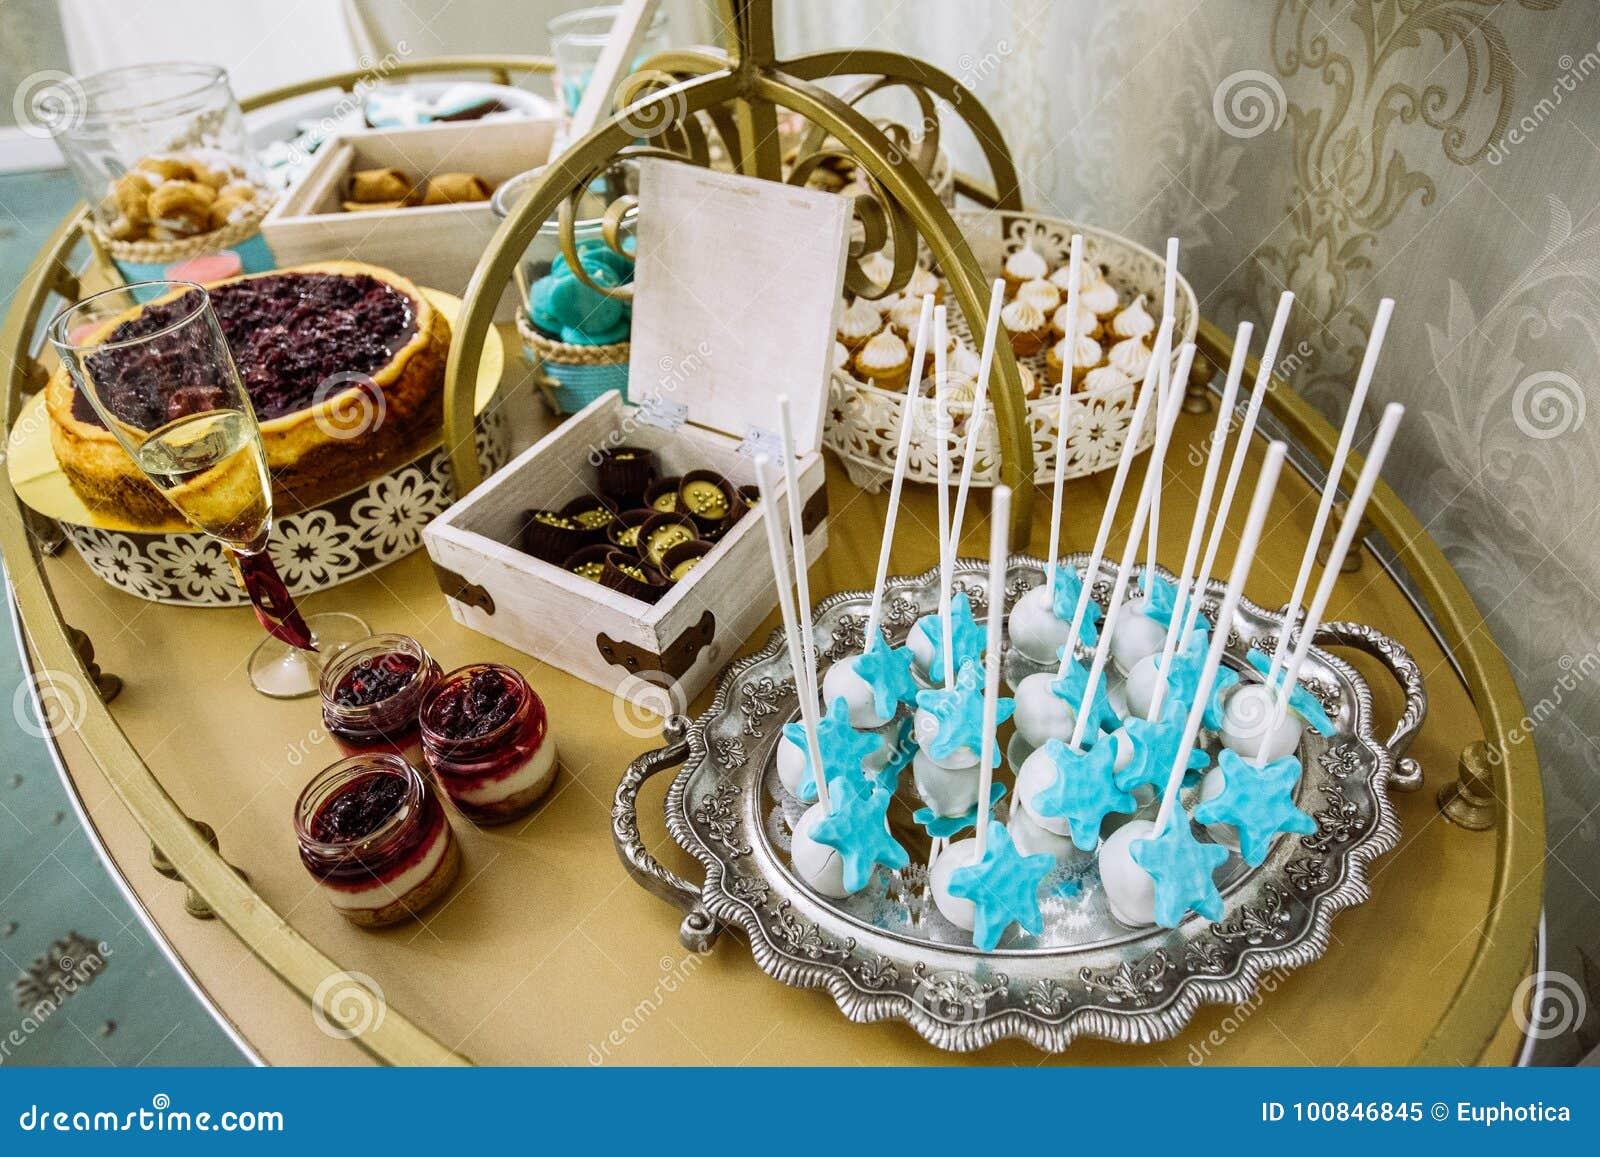 Богатый тематический wedding шоколадный батончик, высокое разнообразие помадок